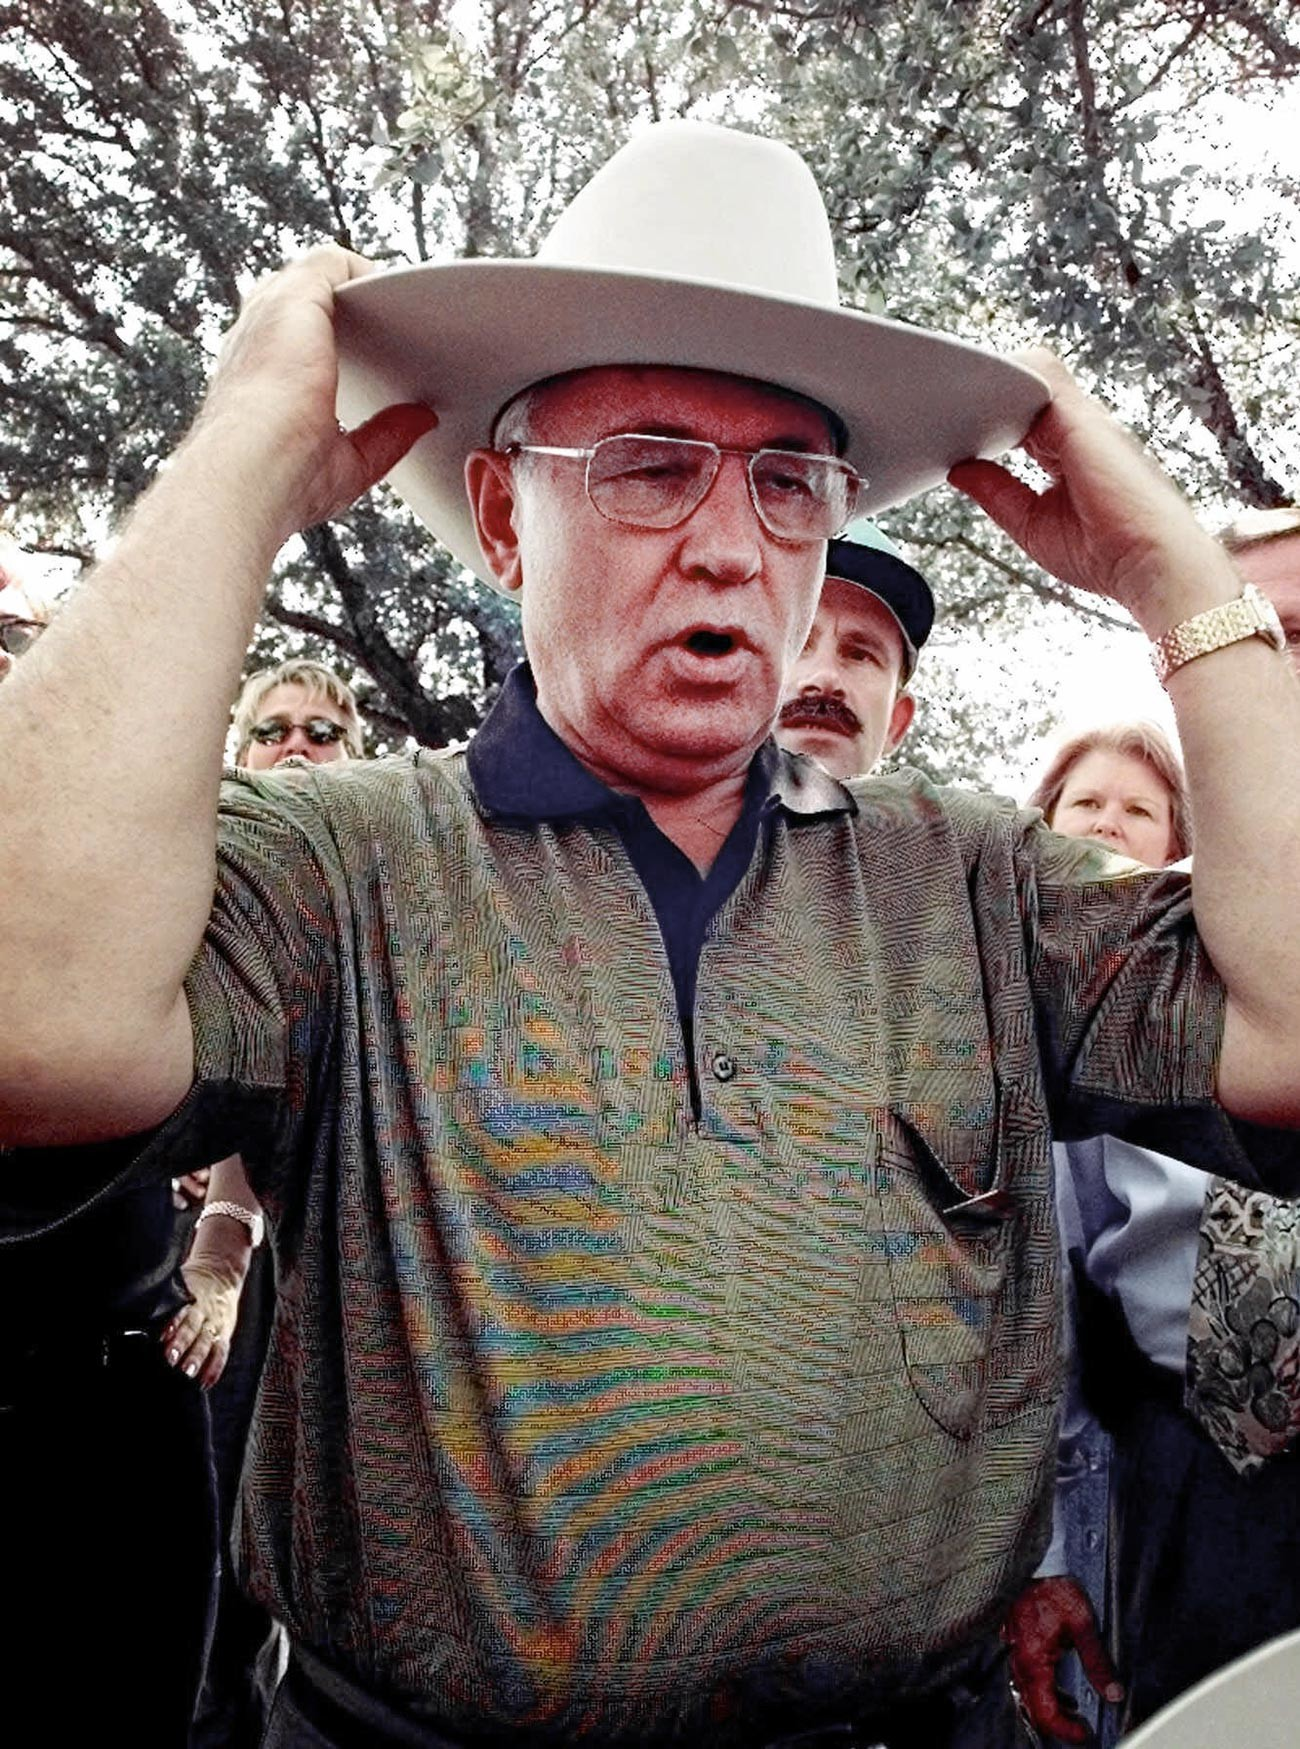 Бывший президент СССР Михаил Горбачев надевает ковбойскую шляпу задом наперед во время посещения ярмарки штата Техас в Далласе, 1998 г.